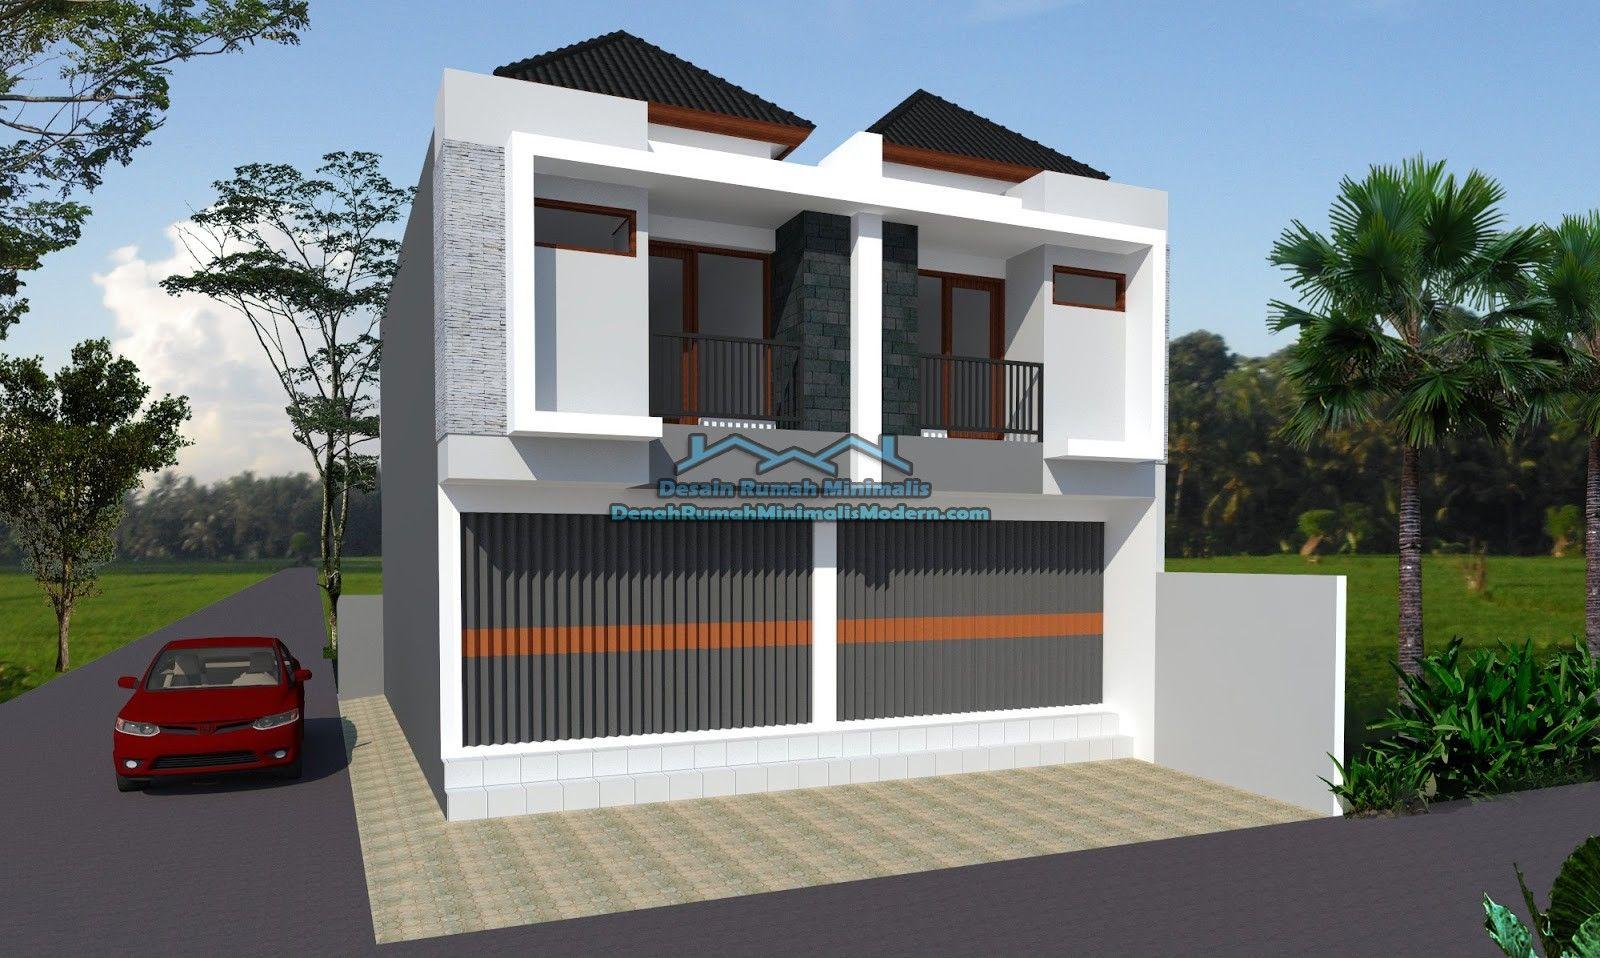 60 Desain Ruko 2 Lantai Minimalis Dan Modern Saat Ini Perkembangan Dunia Usaha Berkembang Pesat Banyak Orang Y Rumah Minimalis Desain Rumah Minimalis Rumah